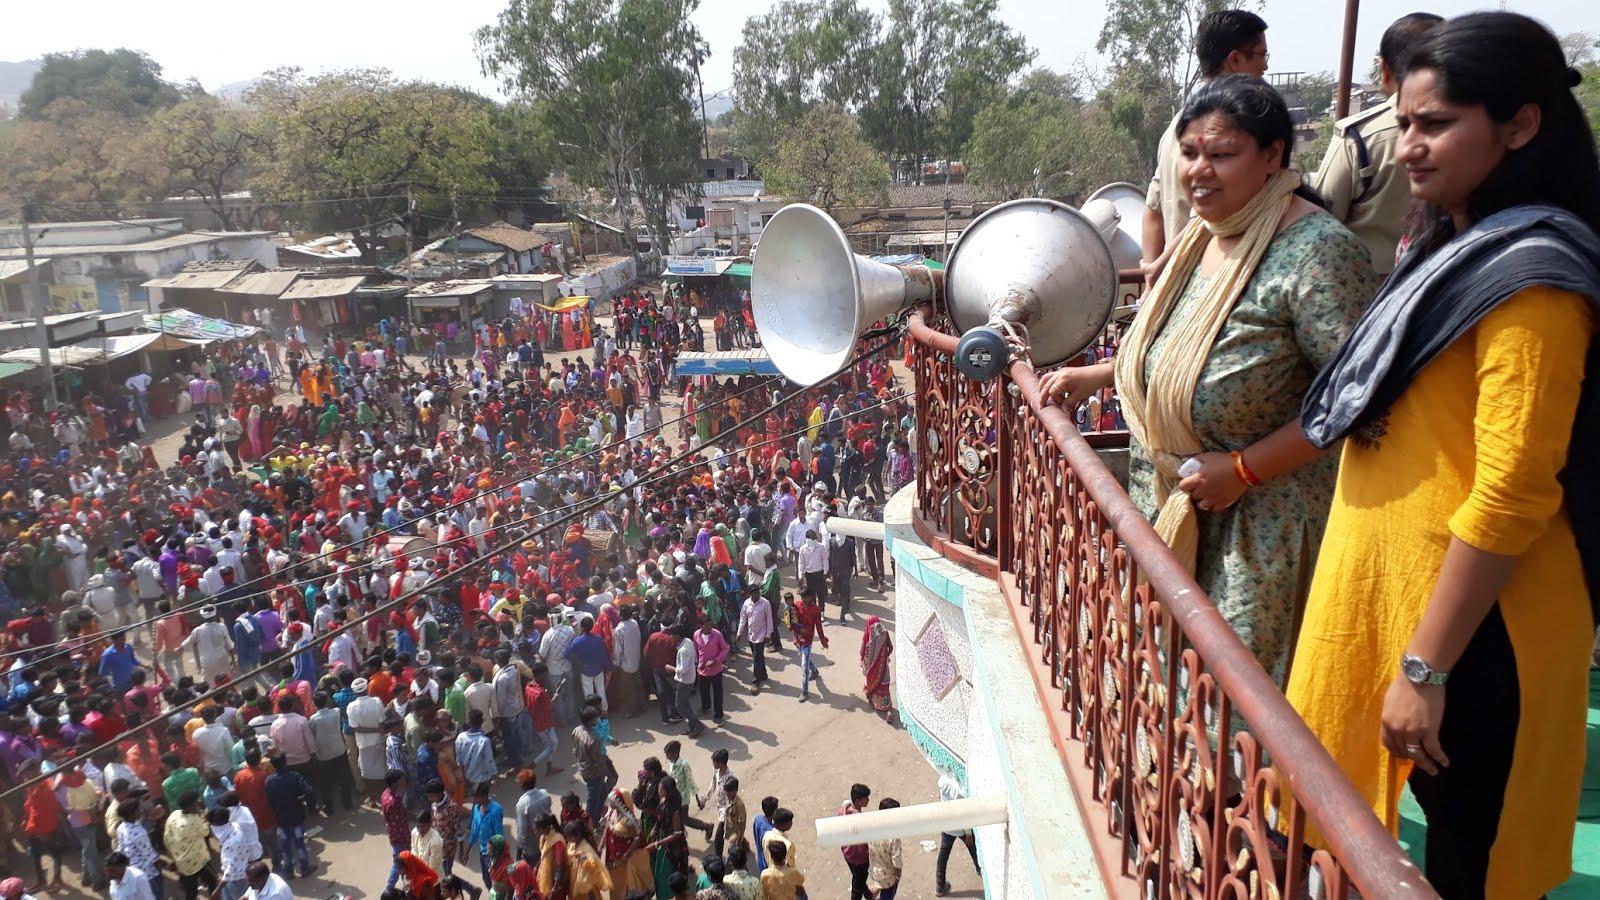 भगोरिया में सुरक्षा बलों के साथ-साथ सीसीटीवी कैमरों, ड्रोन एवं विडियों रिकार्डिंग कैमरों से रखी जा रही पैनी नजर